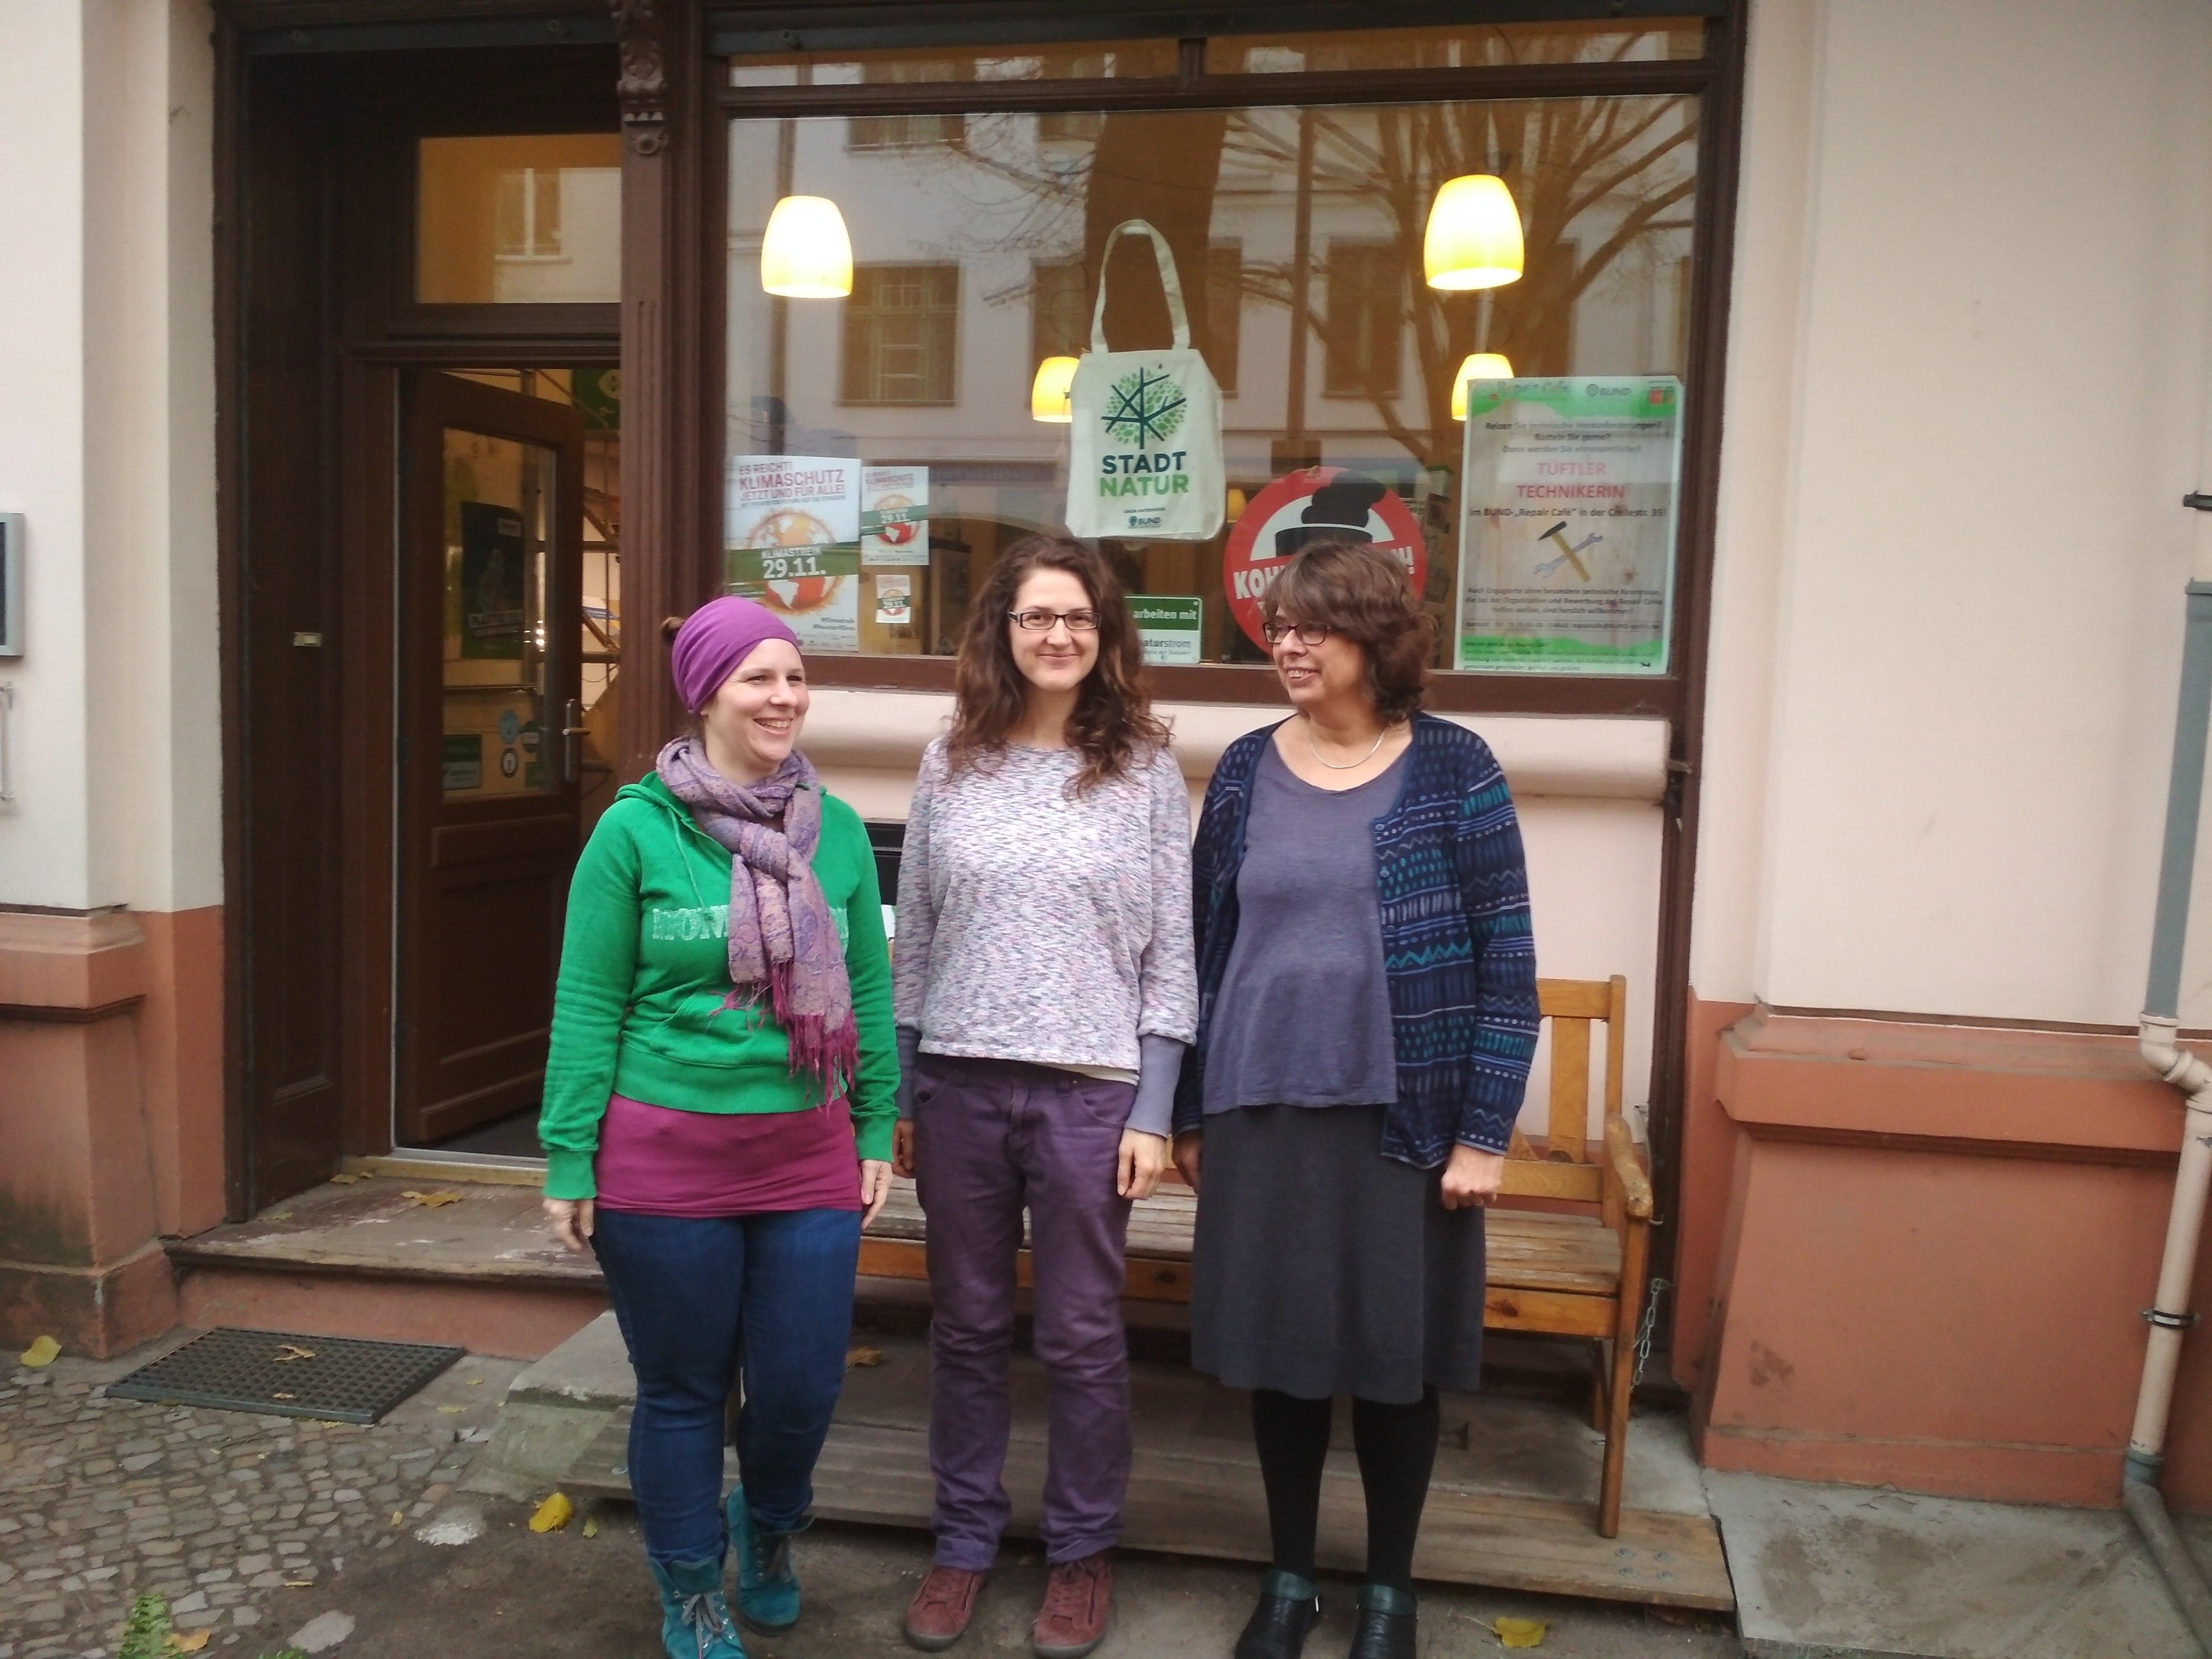 Team: Zu Fuß zur Kita und zur Schule